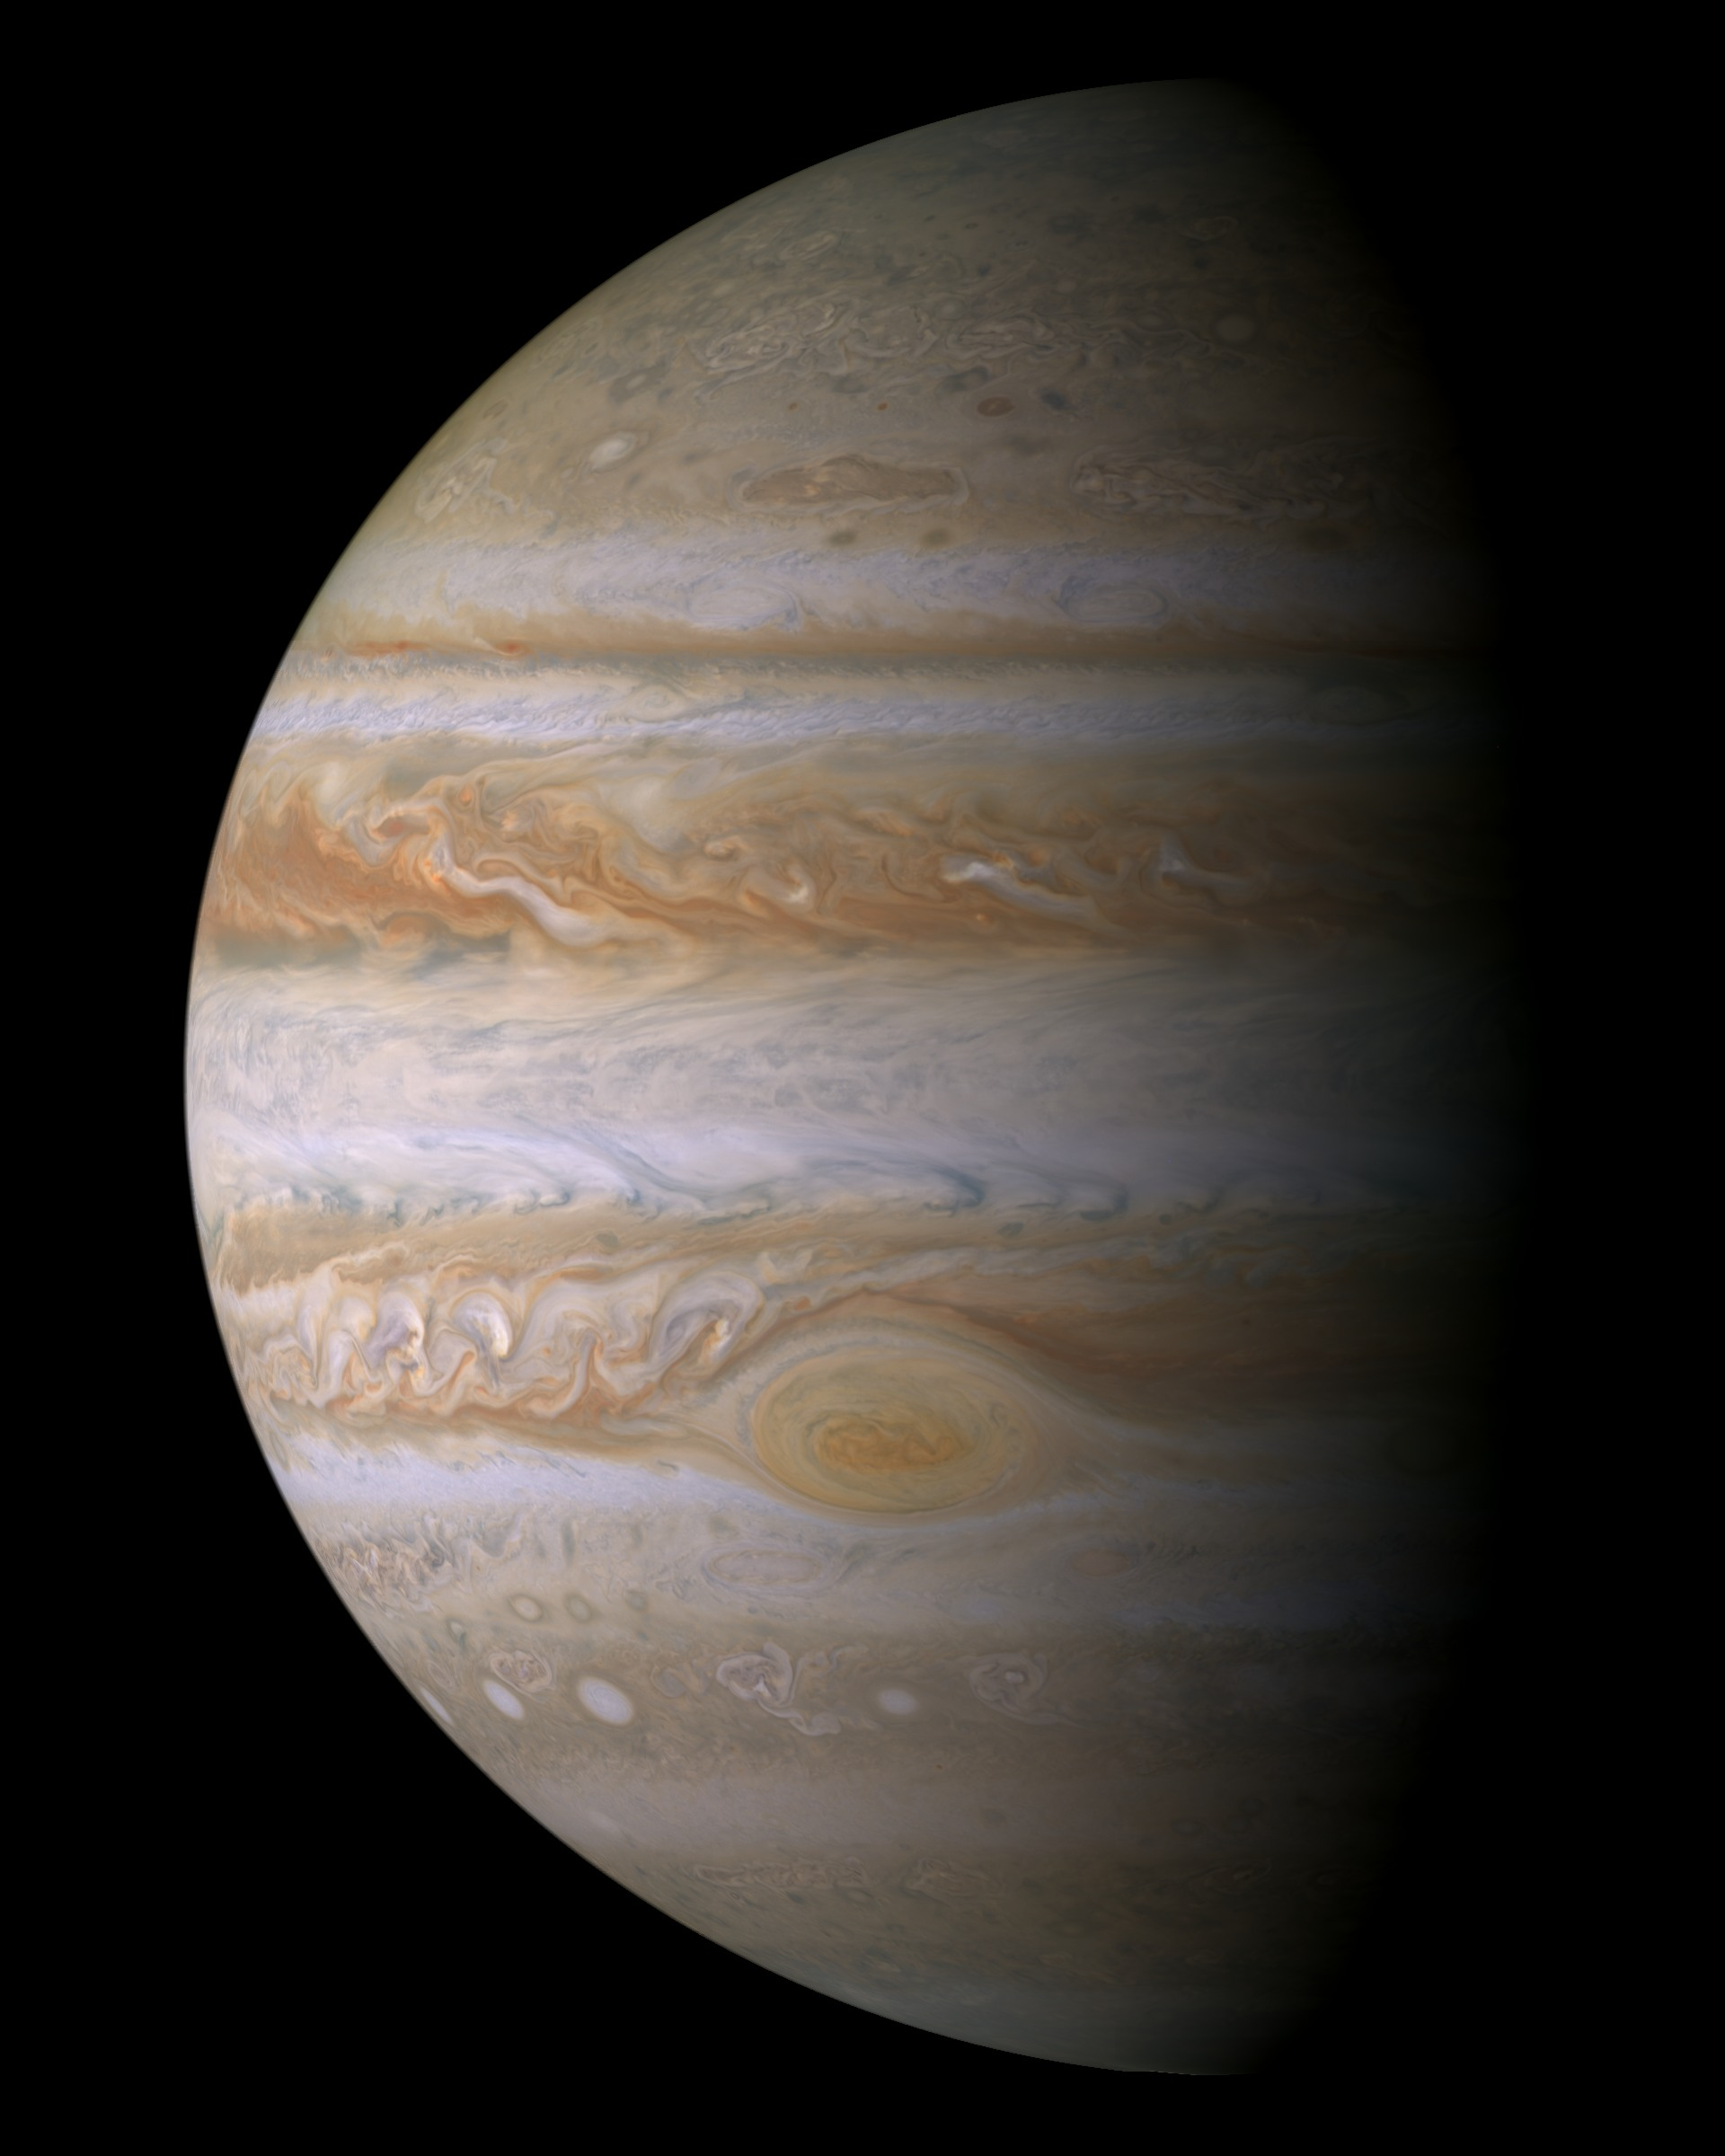 Resultado De Imagen Sistema Solar Gif Animado Universo System Planets Diagram Stock Vector Image 49592184 Figura 9 Todos Os Dias So Nublados Em Jpiter O Rei Gasoso Dos Planetas Do Topos Rodopiantes Das Nuvens Que Observamos Nesta